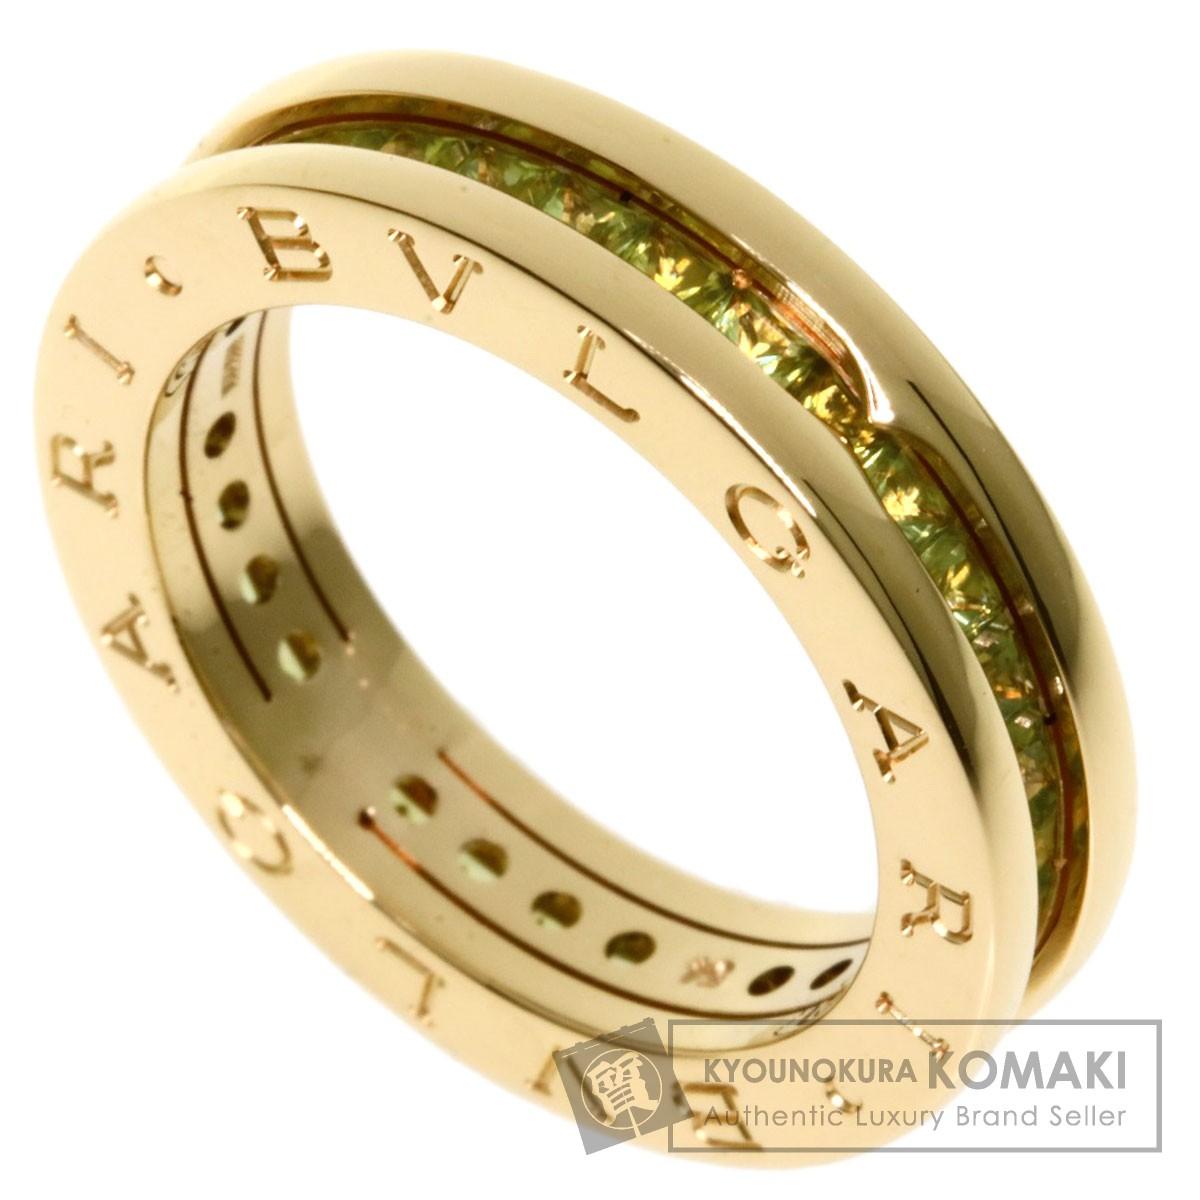 【超特価】 ブルガリ B-zero1 XS ペリドット #54 リング・指輪 K18イエローゴールド レディース 【】【BVLGARI】, vif 125d8a9b